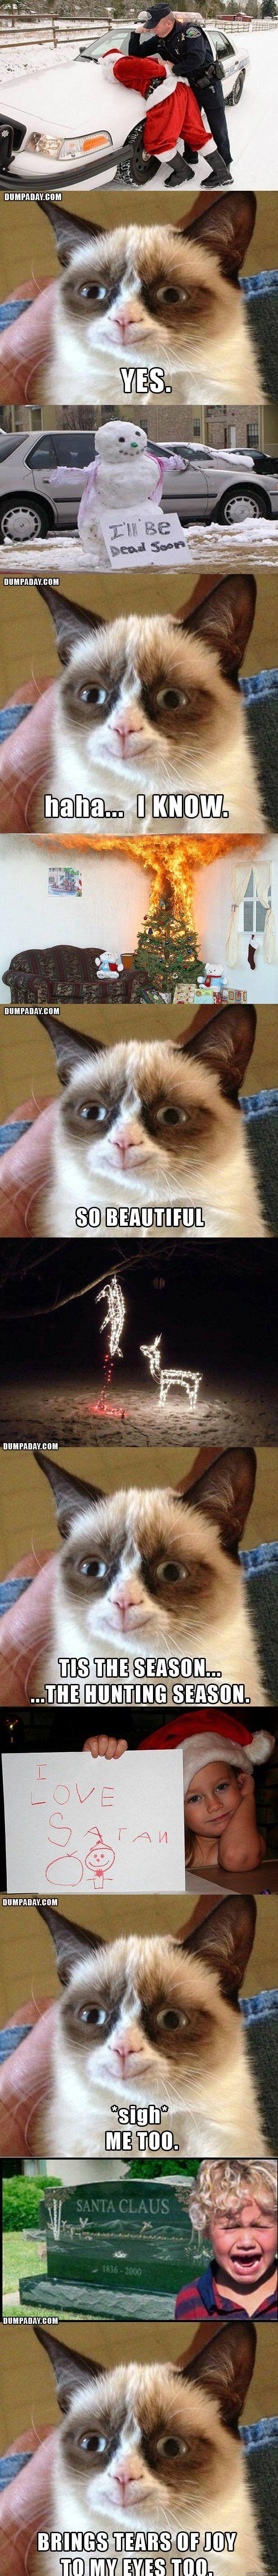 grumpy cat comp steal